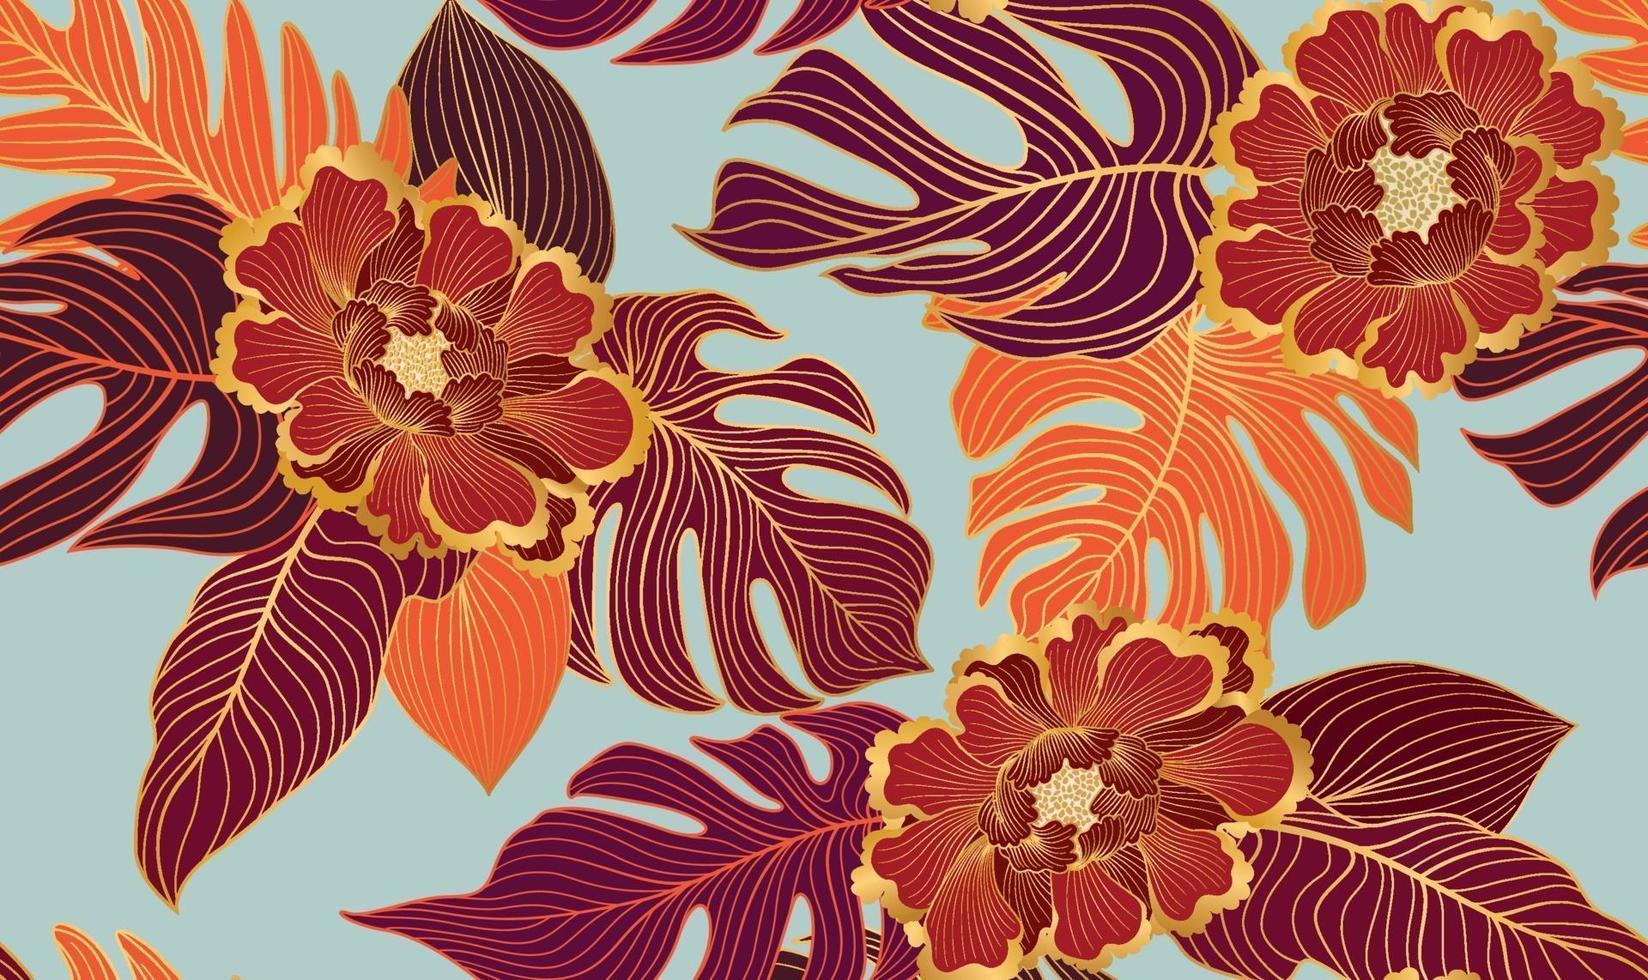 nahtloses Blumenmuster mit tropischen Blättern und Blüten. Natur üppiger Hintergrund. gedeihen Garten Textur mit Strichzeichnungen Blätter vektor